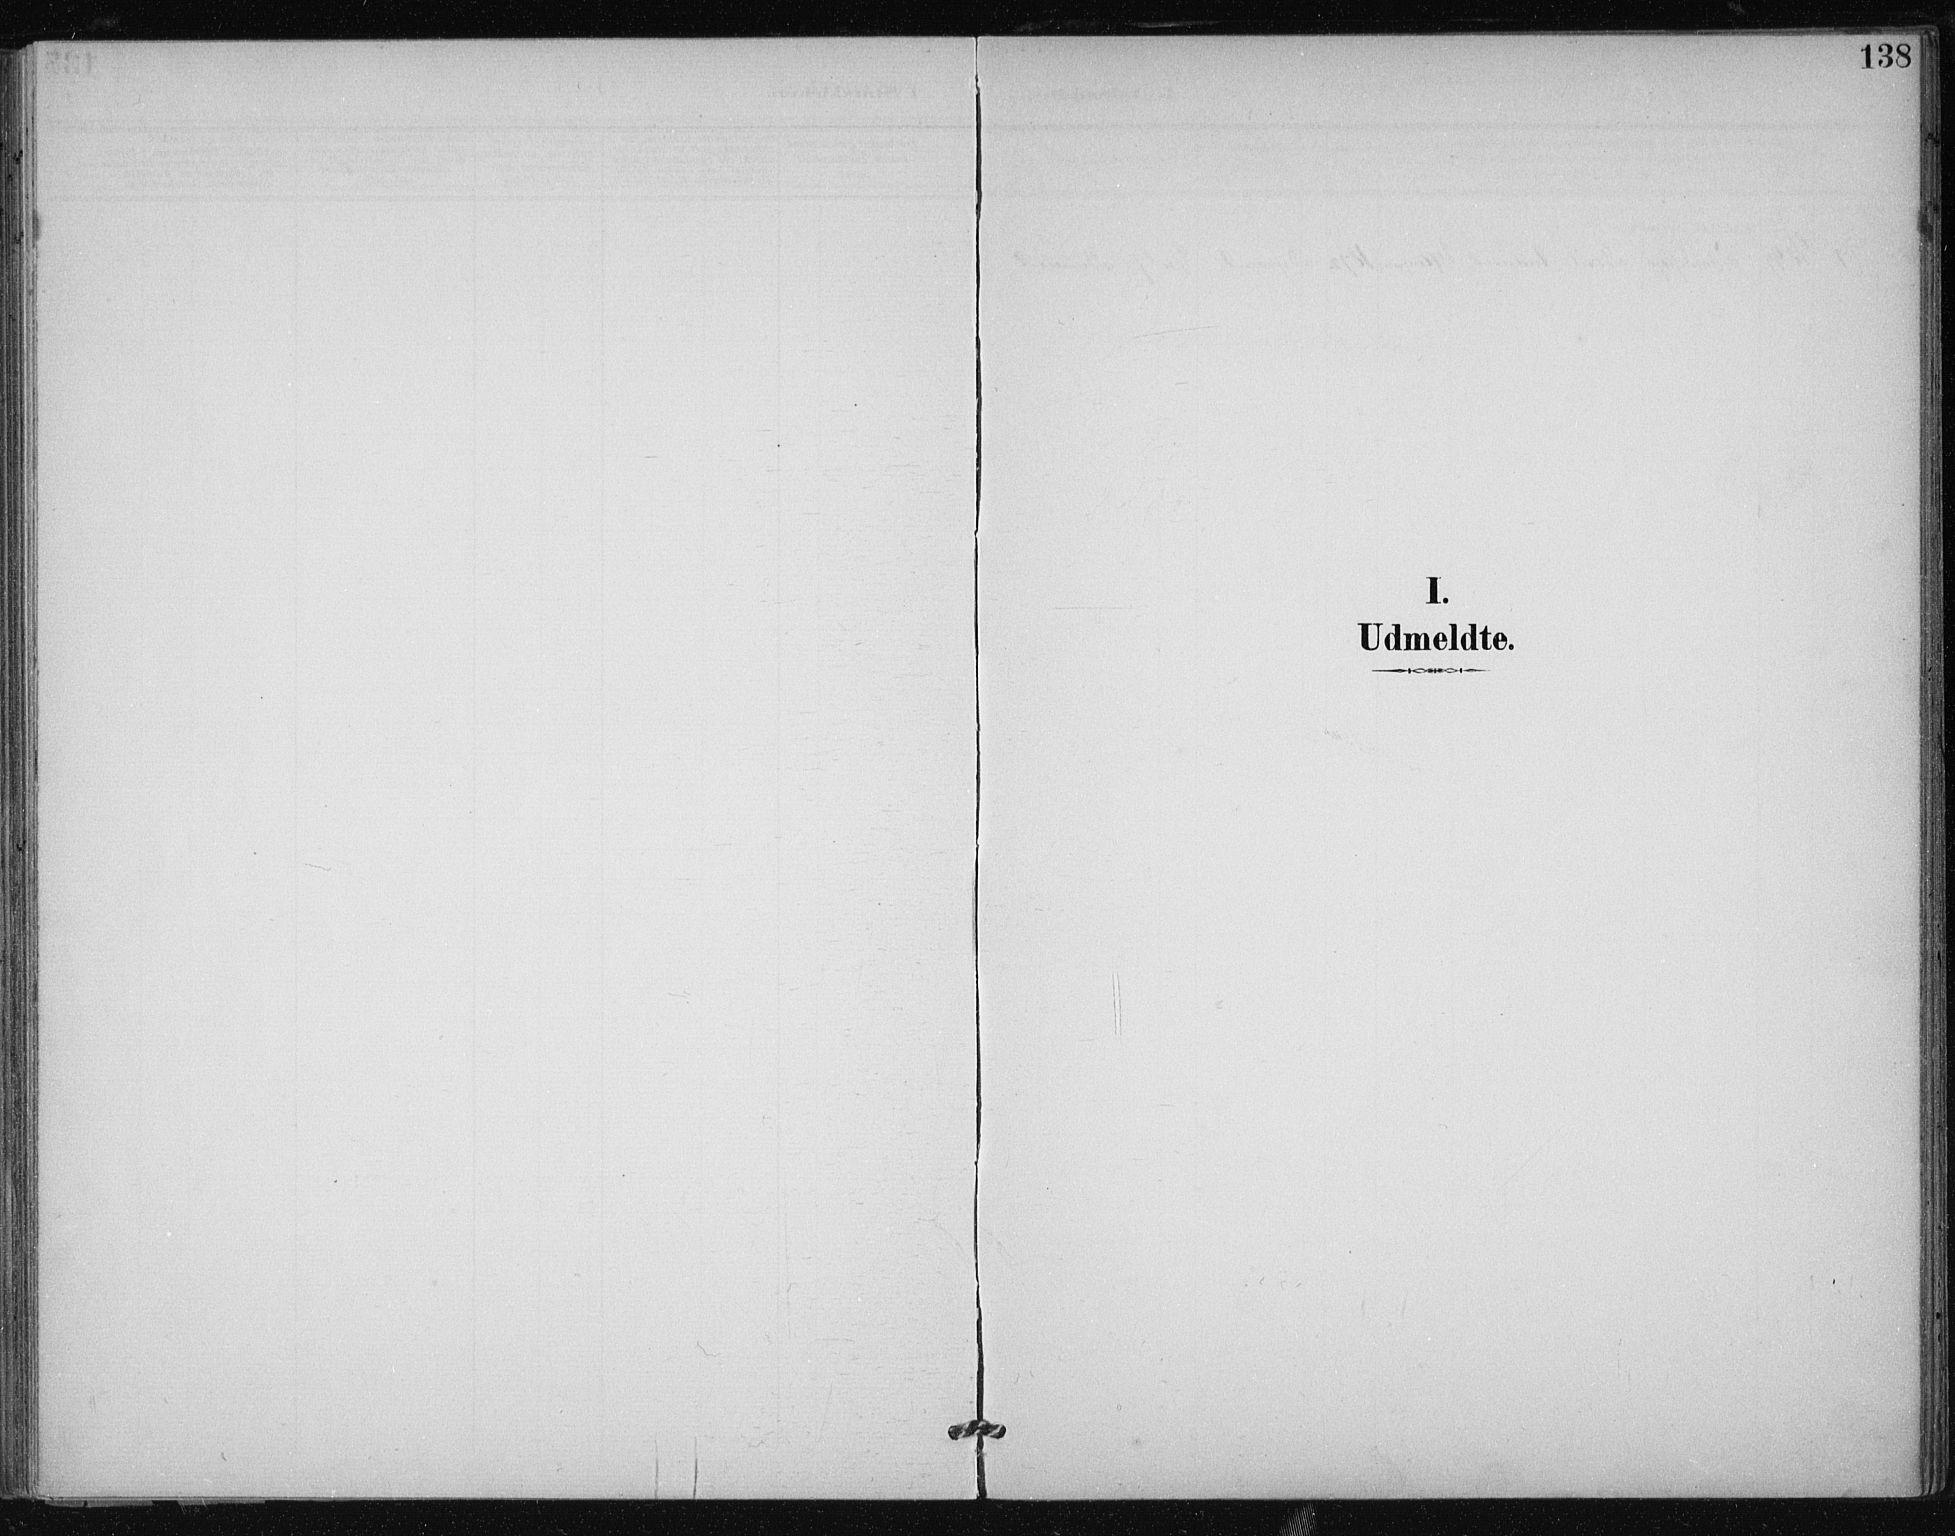 SAT, Ministerialprotokoller, klokkerbøker og fødselsregistre - Sør-Trøndelag, 612/L0380: Ministerialbok nr. 612A12, 1898-1907, s. 138